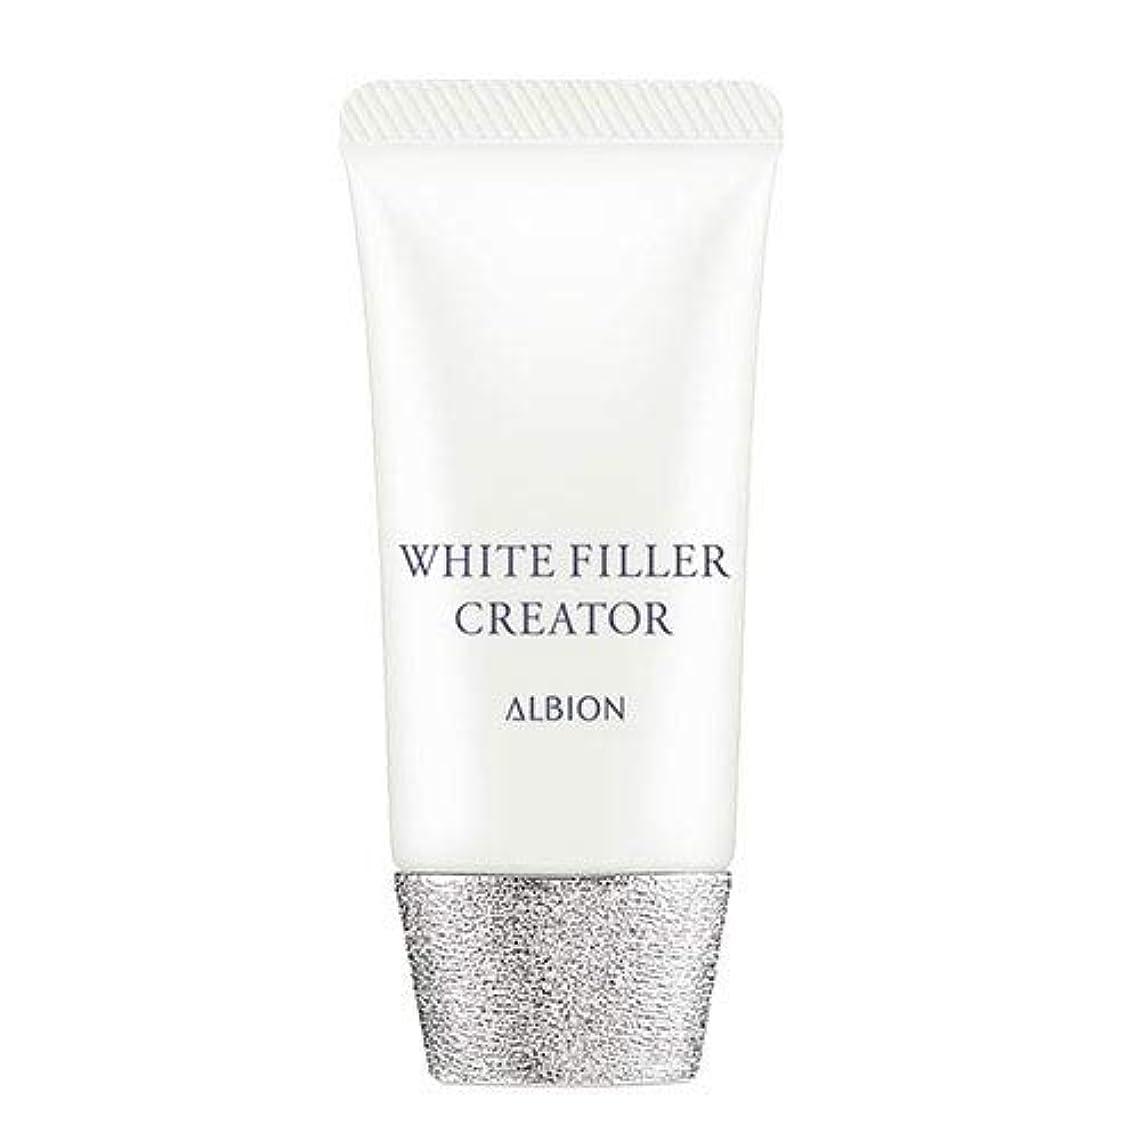 結紮樹皮飼料アルビオン ホワイトフィラー クリエイター SPF35?PA+++ 30g -ALBION-